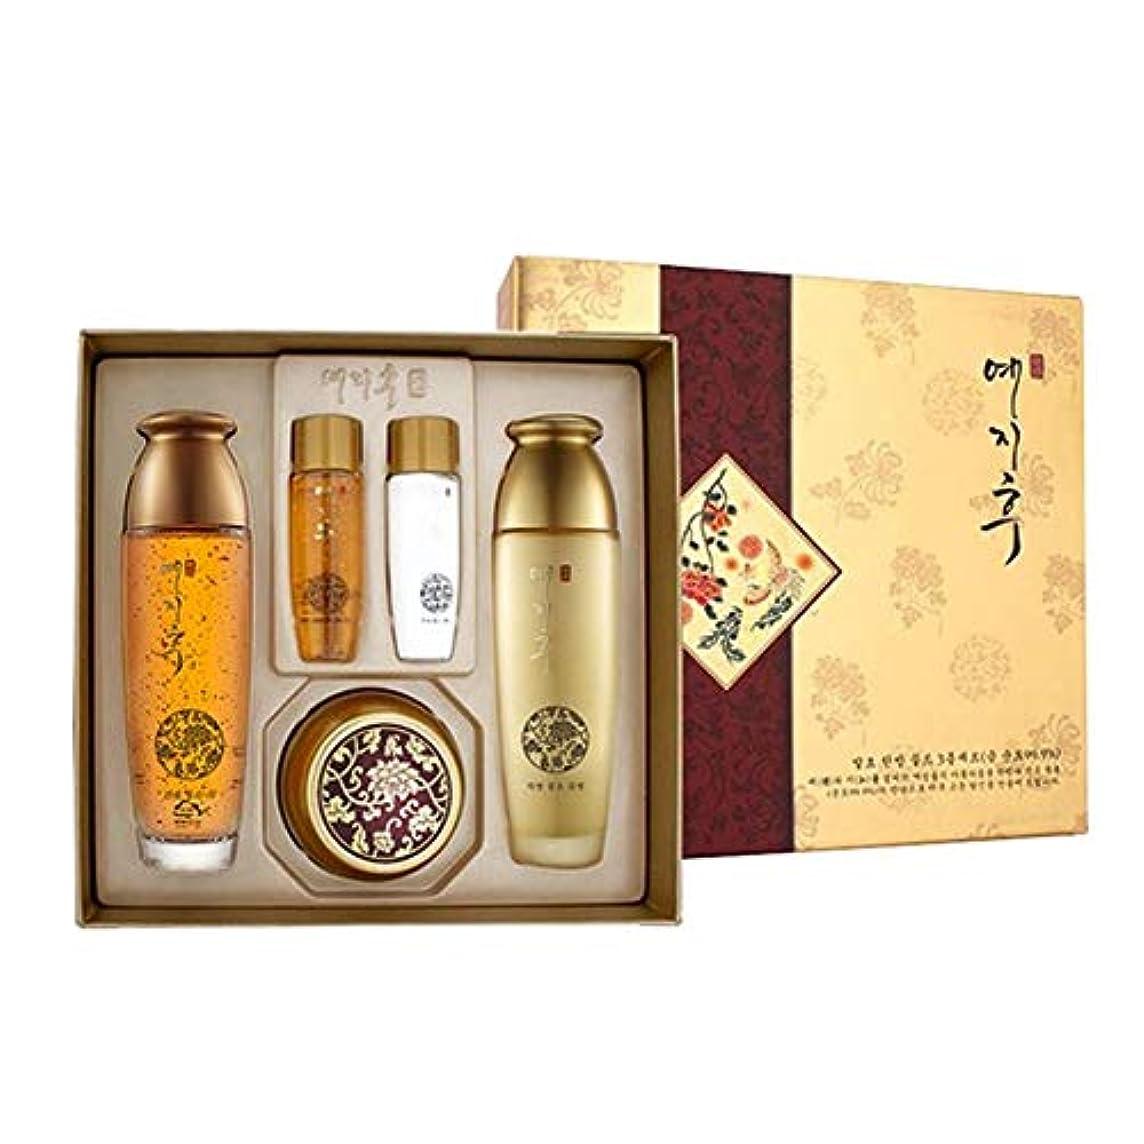 バスタブ安いです日光イェジフ漢方ゴールド3種セットゴールド水180ml(150+30) ゴールド乳液180ml(150+30) ゴールド栄養クリーム50ml、Yezihu 3 Sets of Herbal Gold Cosmetics [並行輸入品]